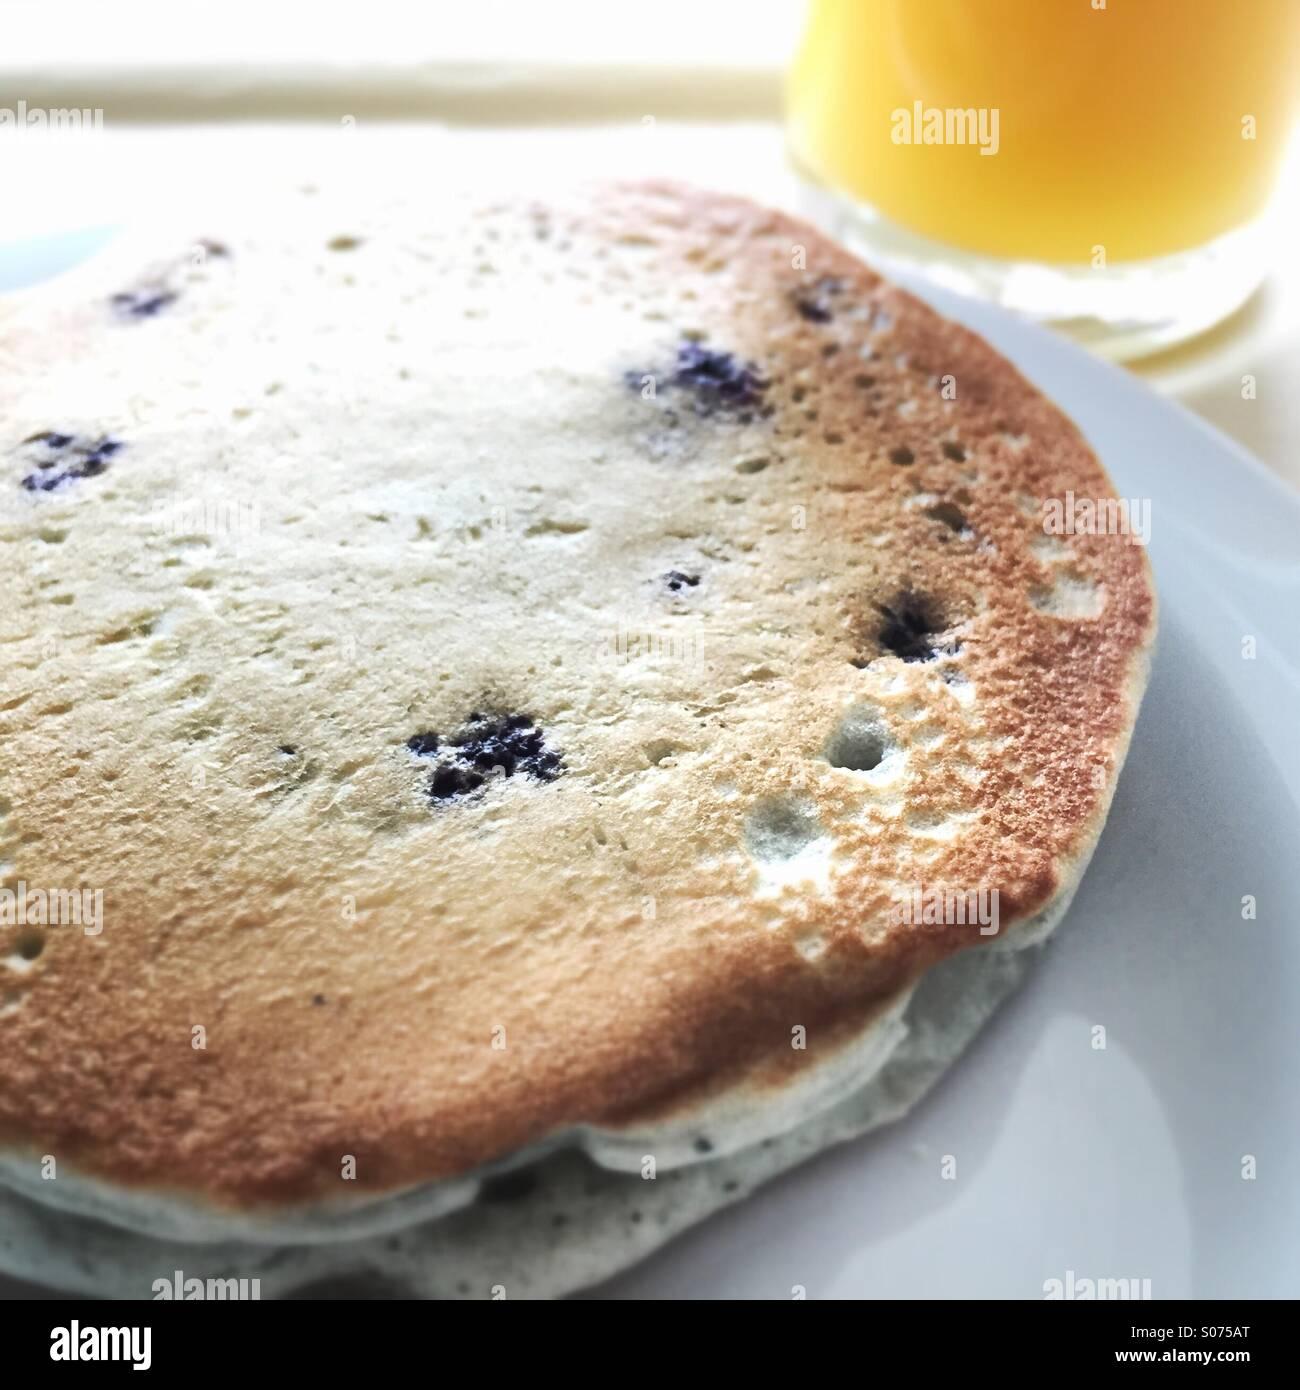 Blueberry pancakes and orange juice. - Stock Image